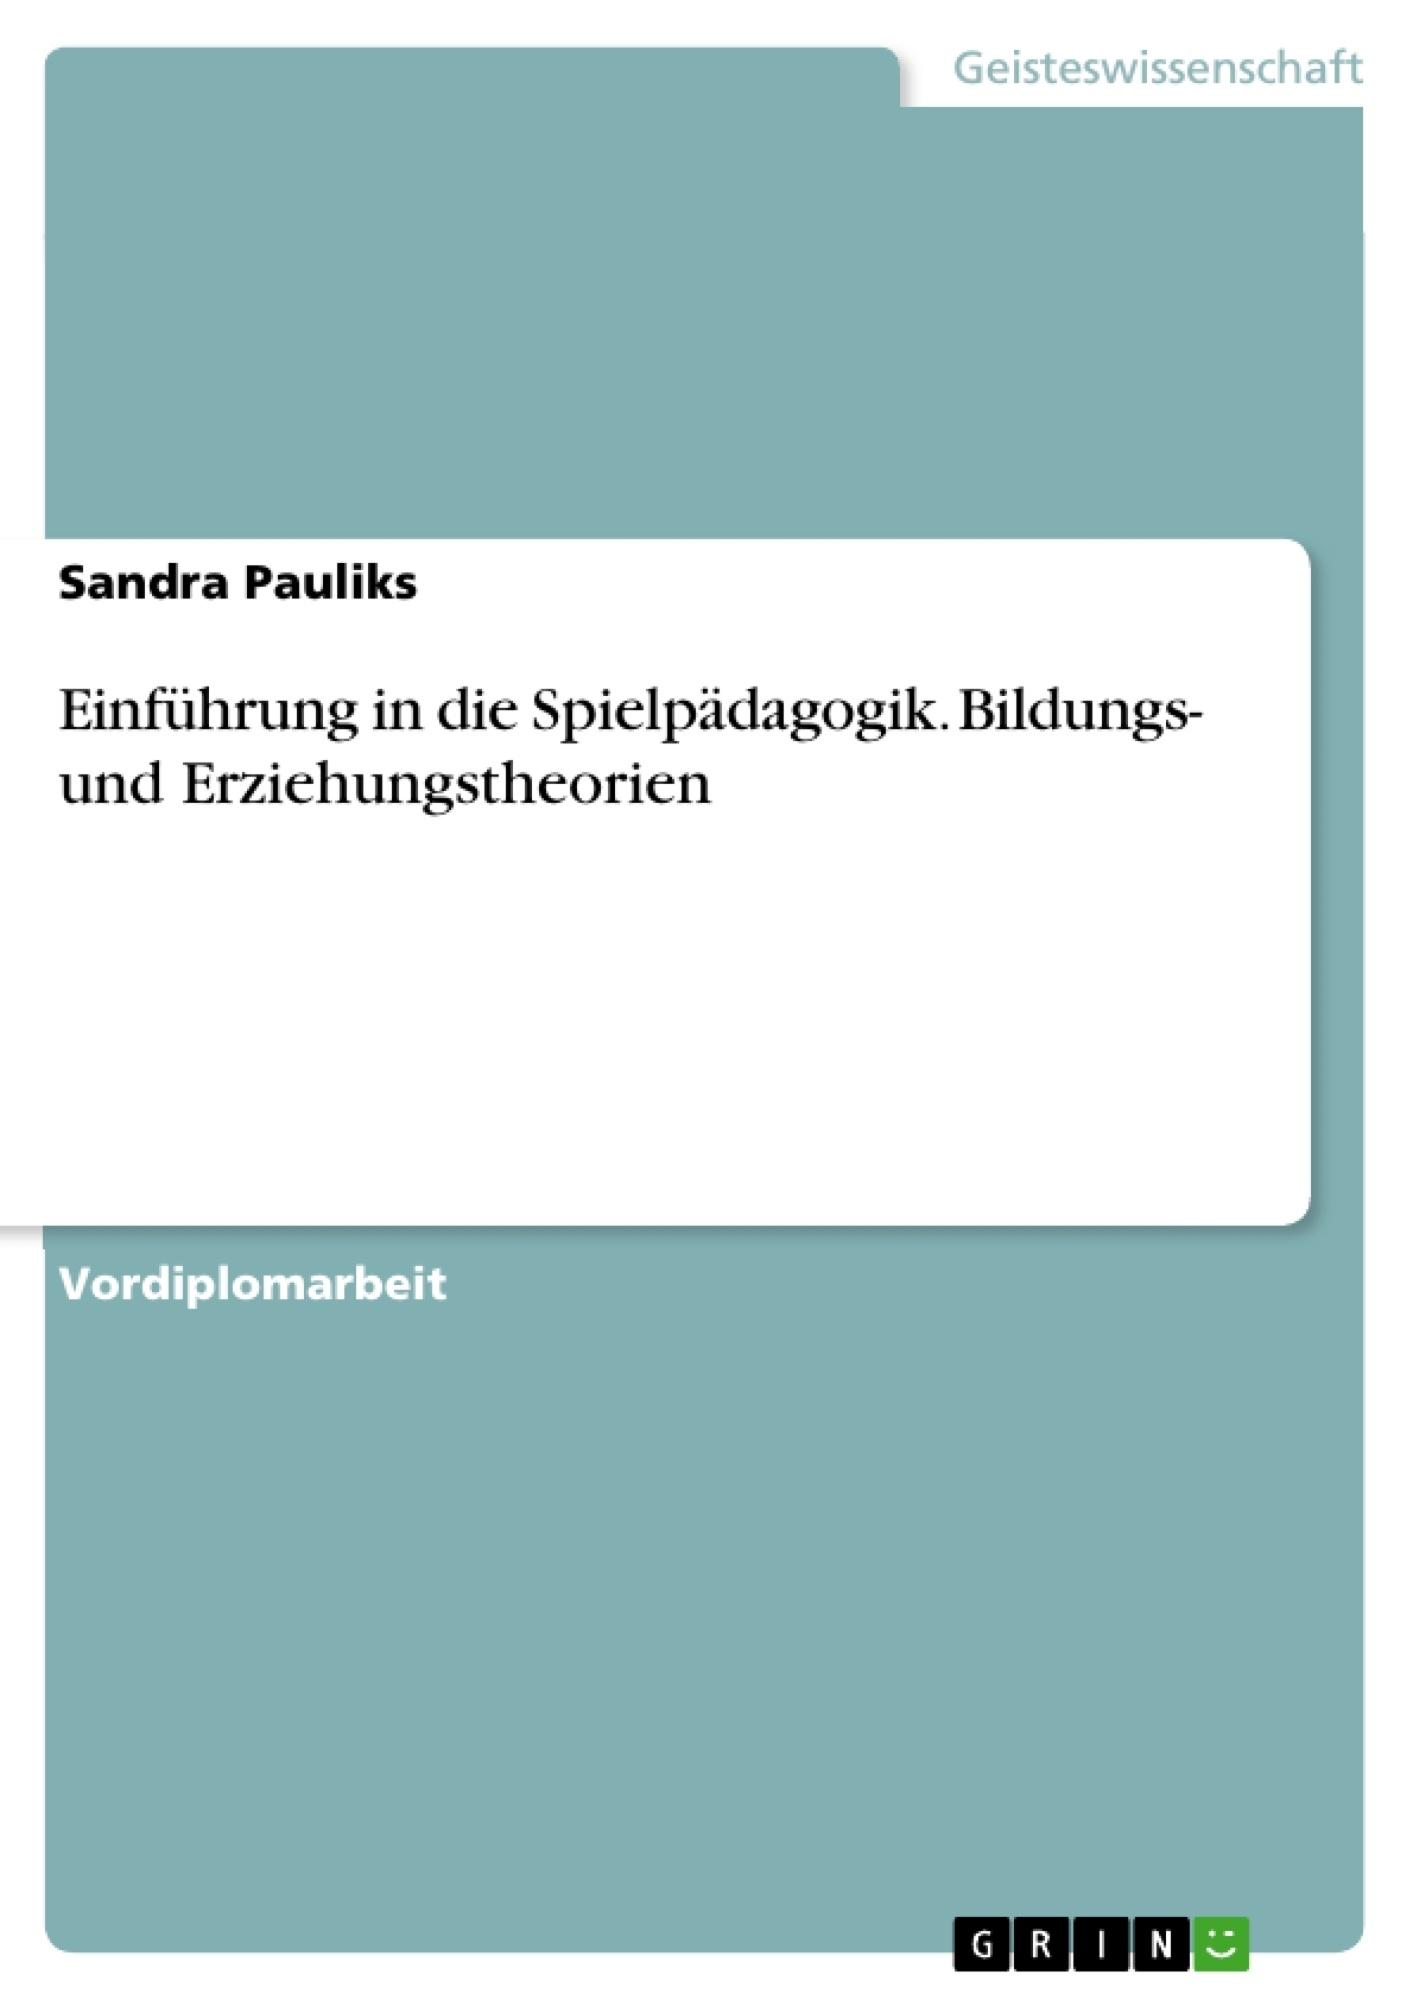 Titel: Einführung in die Spielpädagogik. Bildungs- und Erziehungstheorien